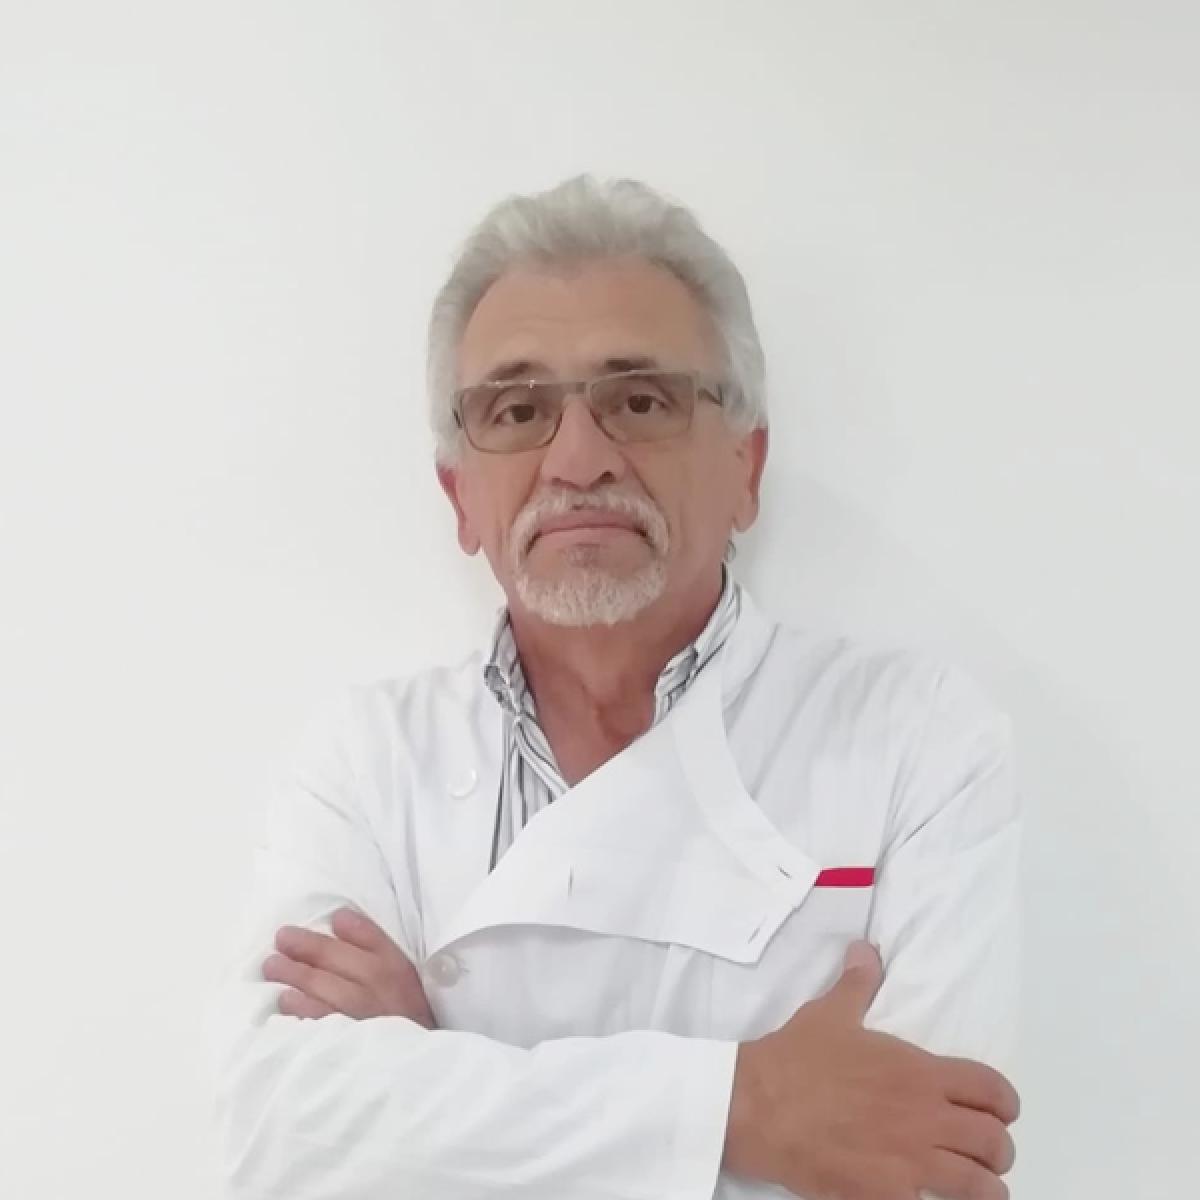 Dr. Sequeira Andrade